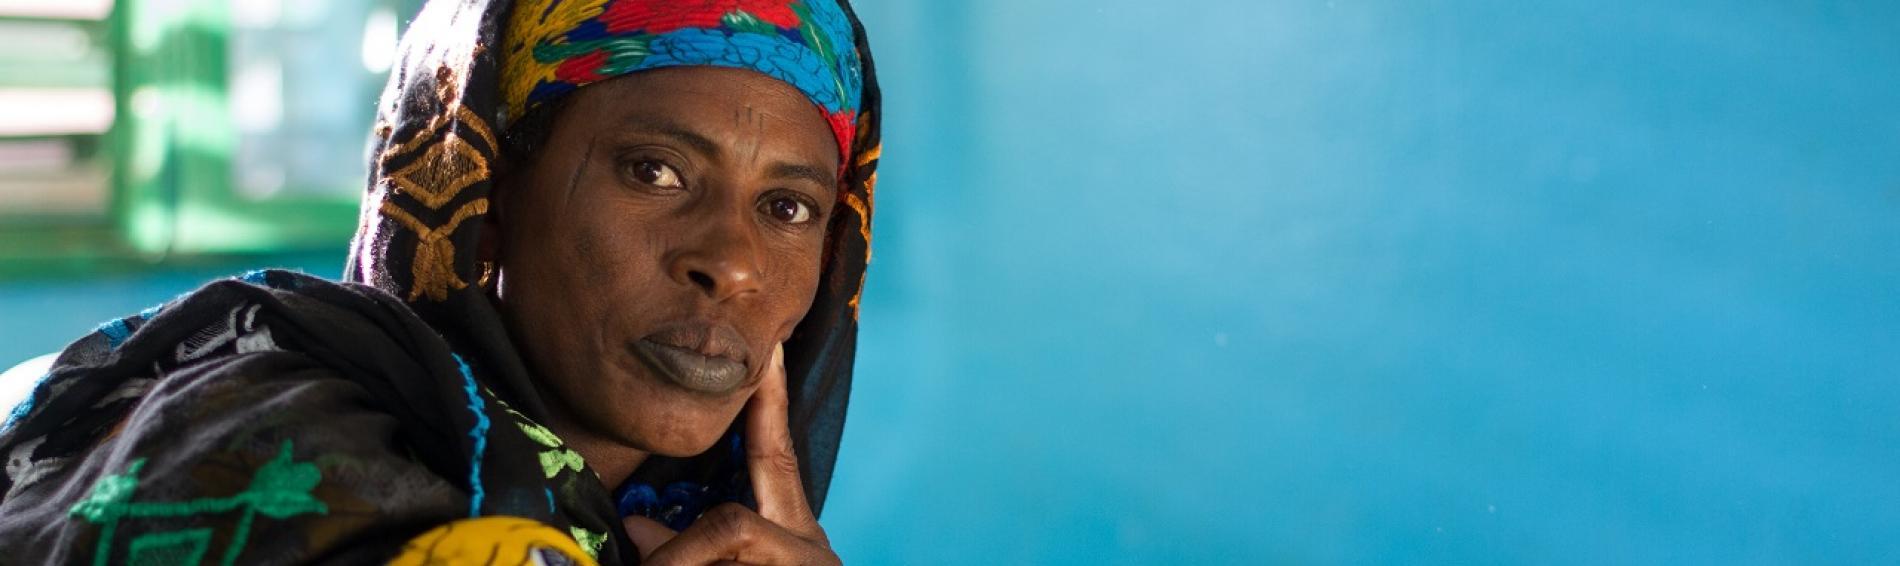 mujer de Burkina Faso junto a su hijo